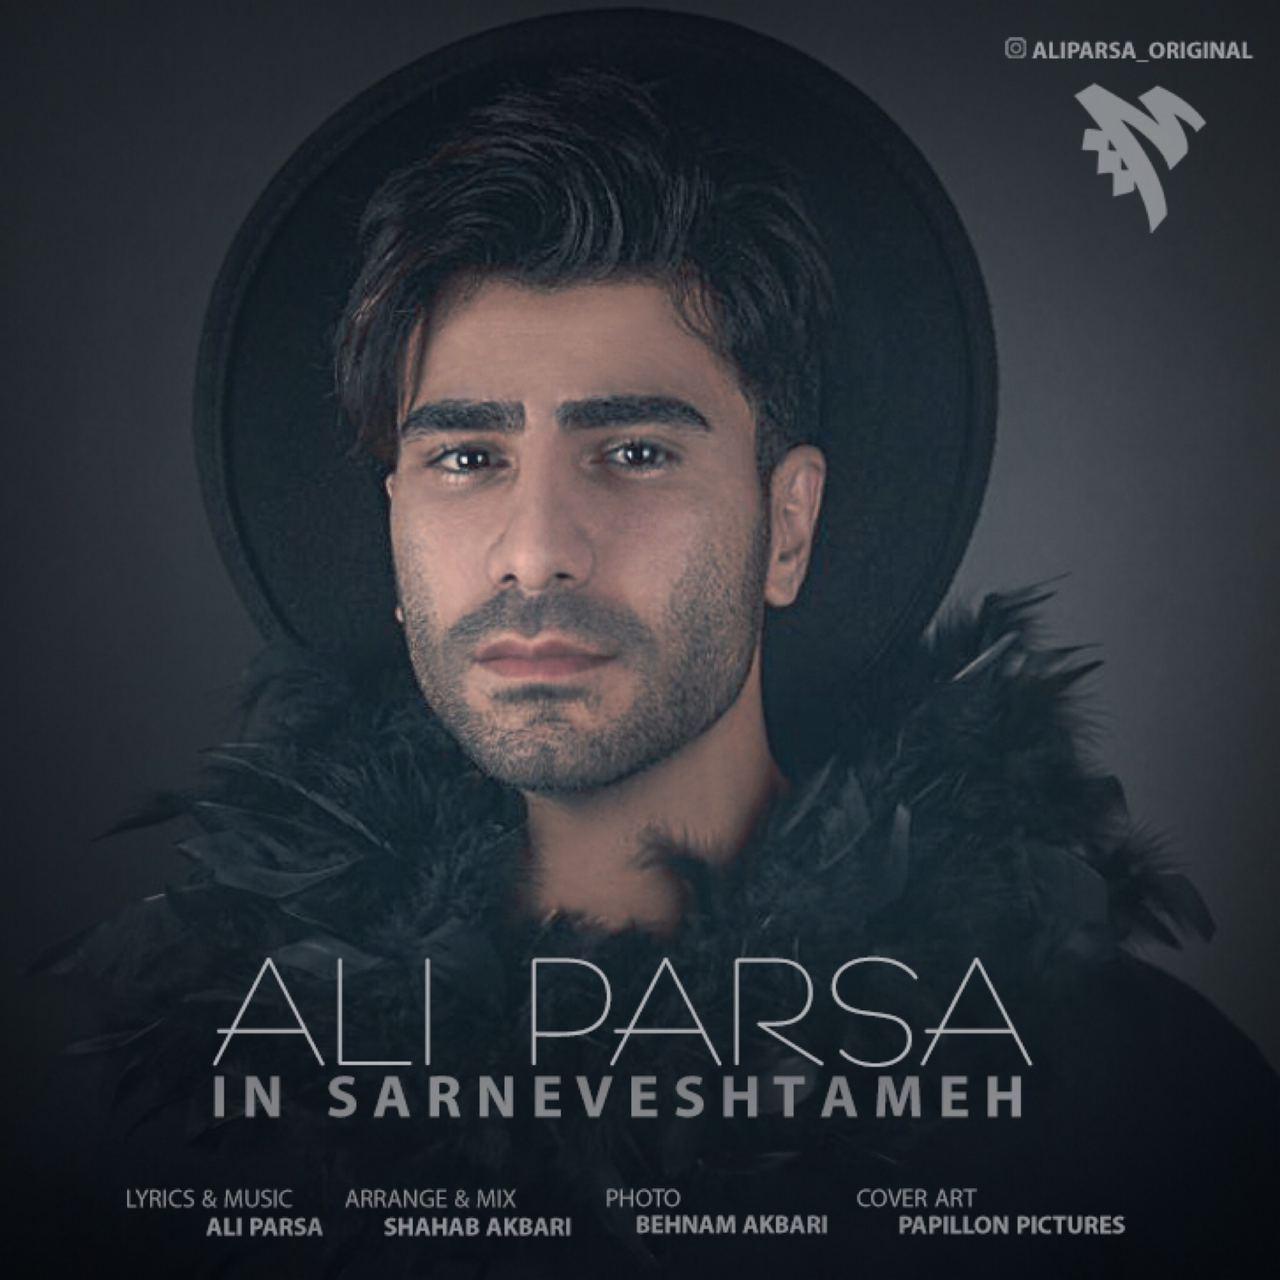 Ali Parsa – In Sarneveshtameh